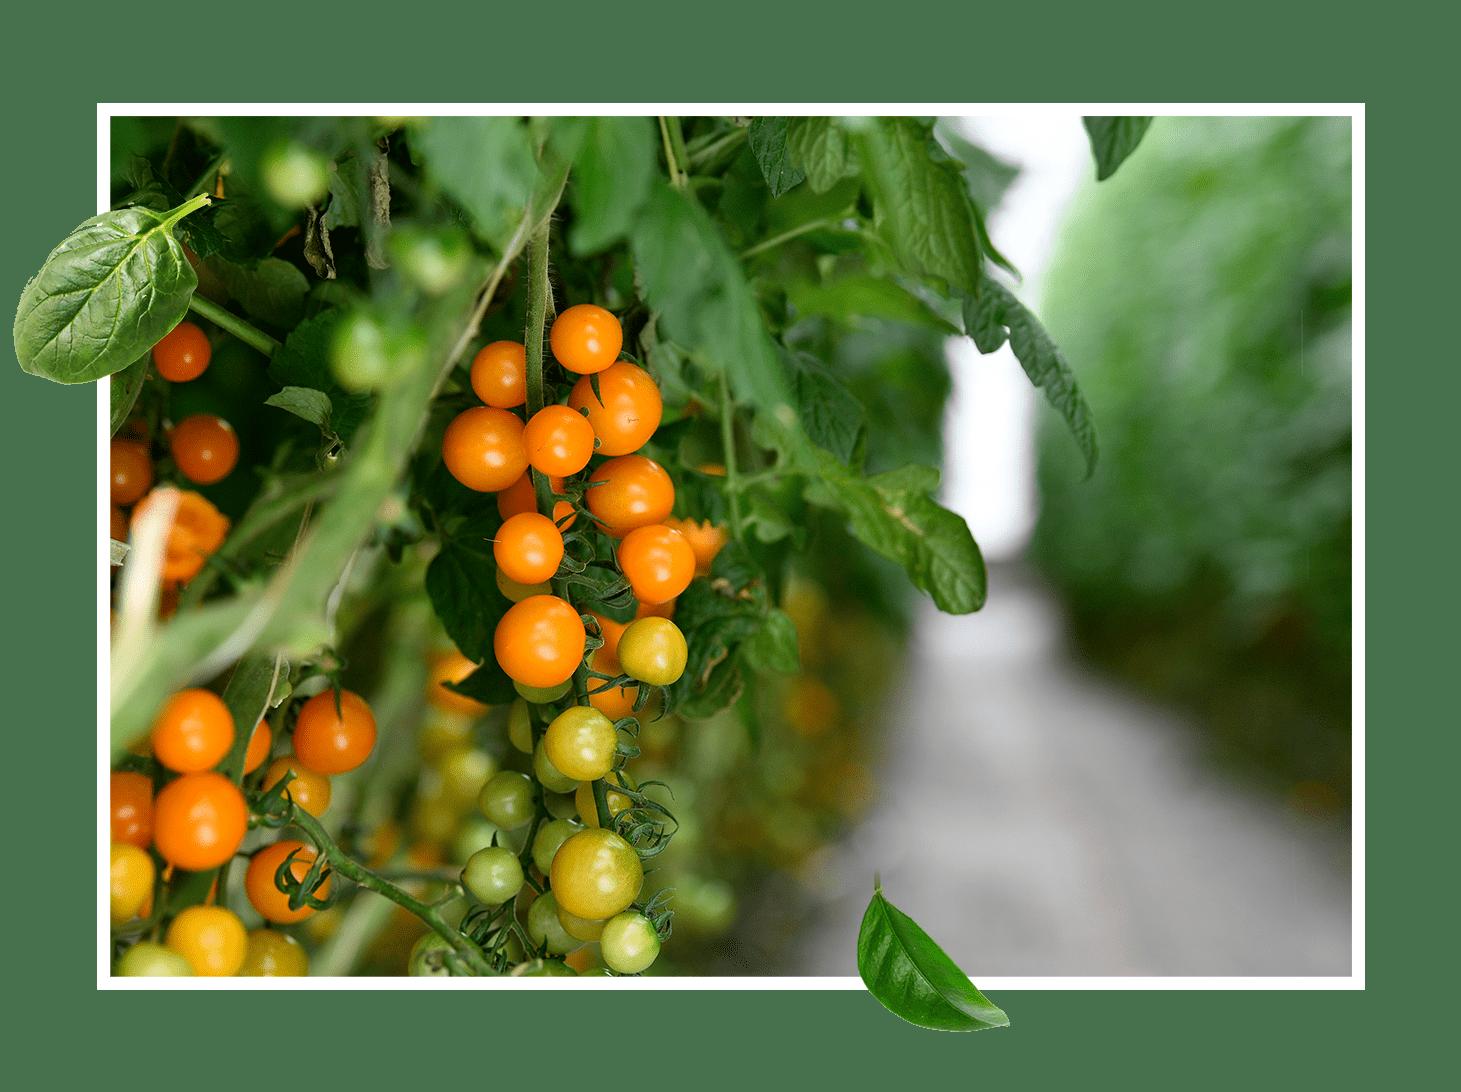 100% des légumes Sandy sont cultivés à La Réunion ! - Et ils le seront toujours… Nos exploitations de fruits et légumes sont situées à Saint-Louis, Saint-Leu, Saint-Pierre et à la Plaine des Cafres.Nous y pratiquons une agriculture responsable avec savoir-faire et passion.